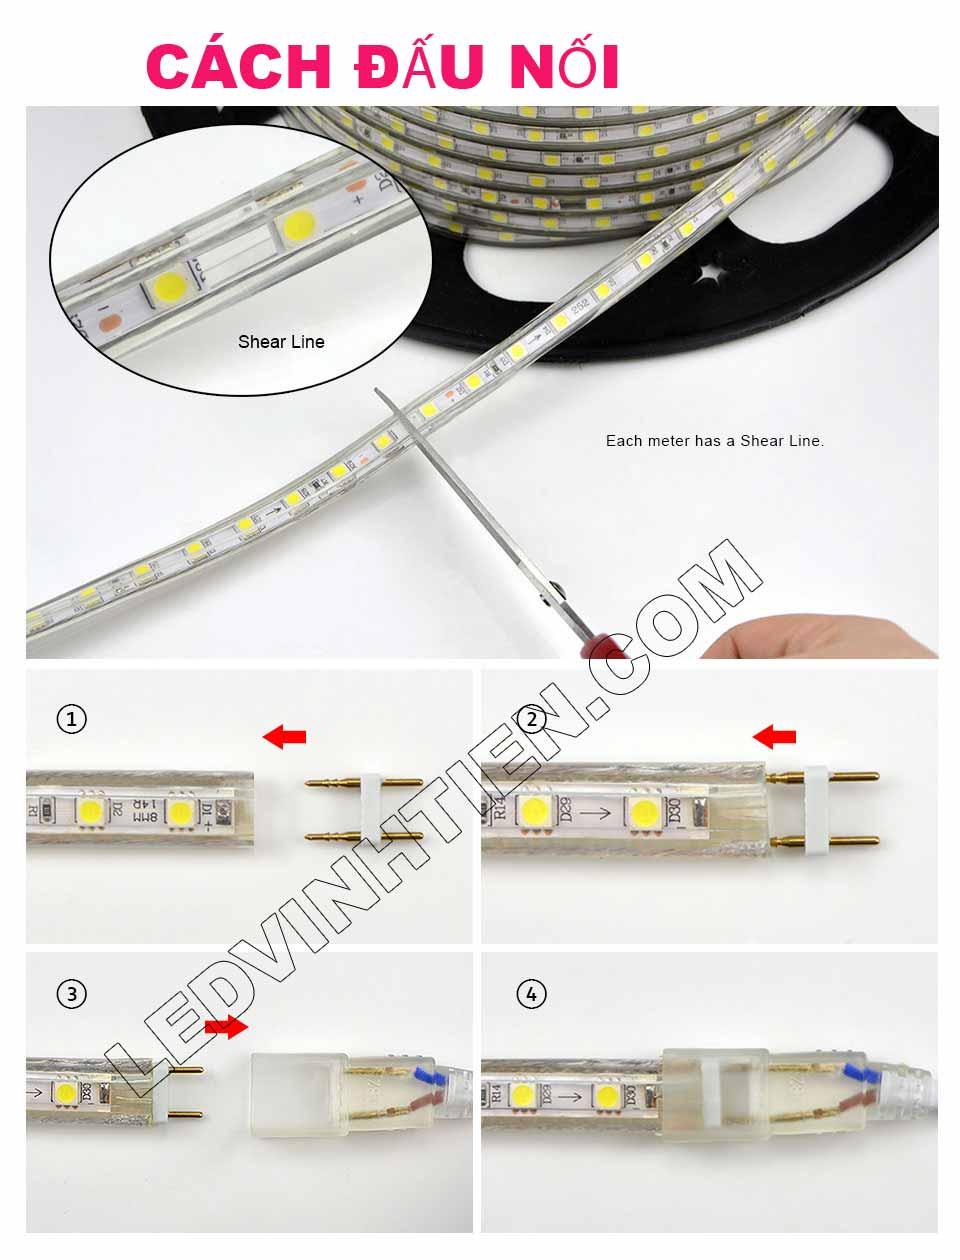 các cắt dây led cho đúng: Bước 1: Độ căng của Đèn LED Dây ledvinhten.com Để ánh sáng của Dây LED đều khi quấn cây chúng ta thường kéo căng Dây Led, nhưng nếu kéo quá căng sẽ dẫn đến tình trạng dây led bị dãn quá mức ảnh hưởng tới mạch dẫn điện. Điều này làm cho Dây Led có thể đứt ngay lập tức hoặc giảm độ bền của dây rất nhiều. Nên khi sử dụng chú ý không được kéo quá căng Dây LED khi thi công. Đèn LED Dây Trang Trí hắt trần thạch cao Bước 2: Sử dụng đinh để cố định Đèn LED Dây ledvinhtien.com Sử dụng đinh, vít để cố định LED dây là 1 giải pháp rất hữu hiệu nhưng bạn cần chú ý nếu sử dụng đinh xuyên qua main led thì sẽ bị hỏng main và có thể dẫn đến dò điện, chập cháy. Khi thi công bạn lưu ý đóng đinh vào điểm cắt (có in hình cái kéo) phân chia Đèn LED Dây thành từng mét. Bước 3:  Tránh nước khi sử dụng LED Dây  Dây Đèn LED 220V có lớp silicon có thể chịu nước nhưng 2 đầu dây có thể bị nước mưa vào vì thân dây rỗng (giúp tản nhiệt) nên khi sử dụng cần dùng băng dính quấn chặt để tránh nước vào bên trong dây led. Đây là nguyên nhân chủ yếu dẫn đến cháy dây led ngoài trời Bước 4: Cắt dây đèn led Cách mỗi mét của dây đèn led trang trí đều có các điểm cắt. Chúng ta chỉ có thể cắt tại các điểm này, nếu cắt giữa main thì chắc chắn bạn sẽ bị cháy cả dây đèn led đó. Hình ảnh minh họa cách cắt dây led của led ledvinhtien.com. Quý khách vui lòng xem thứ tự từng tấm hình, từng công đoạn mà chúng tôi có đánh số thứ tự từng bước cài đặt led trên những tâm hình